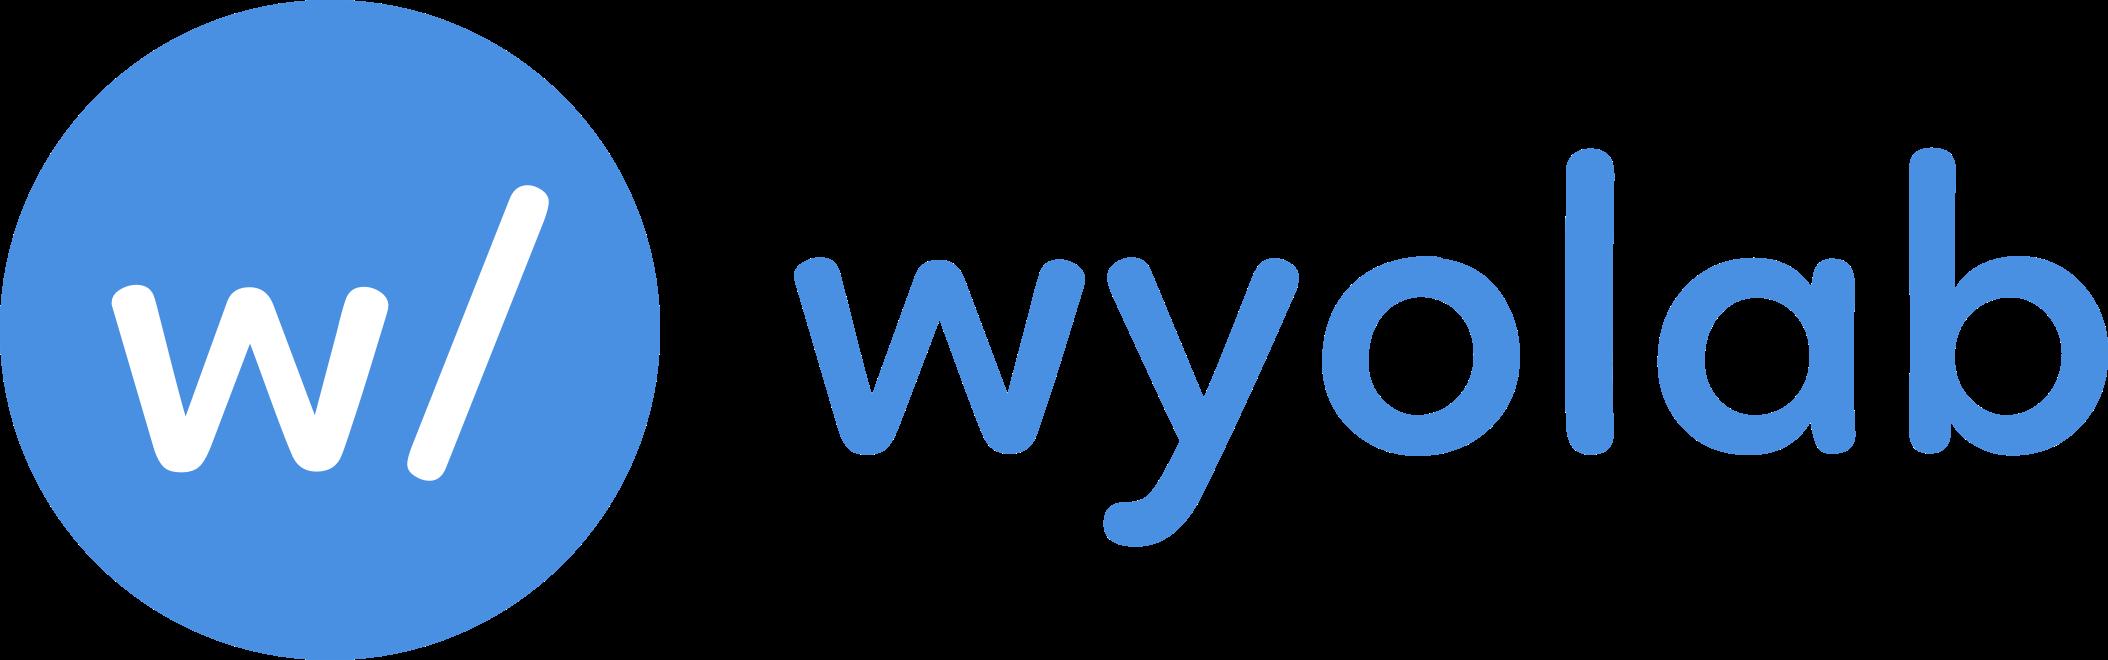 Wyolab